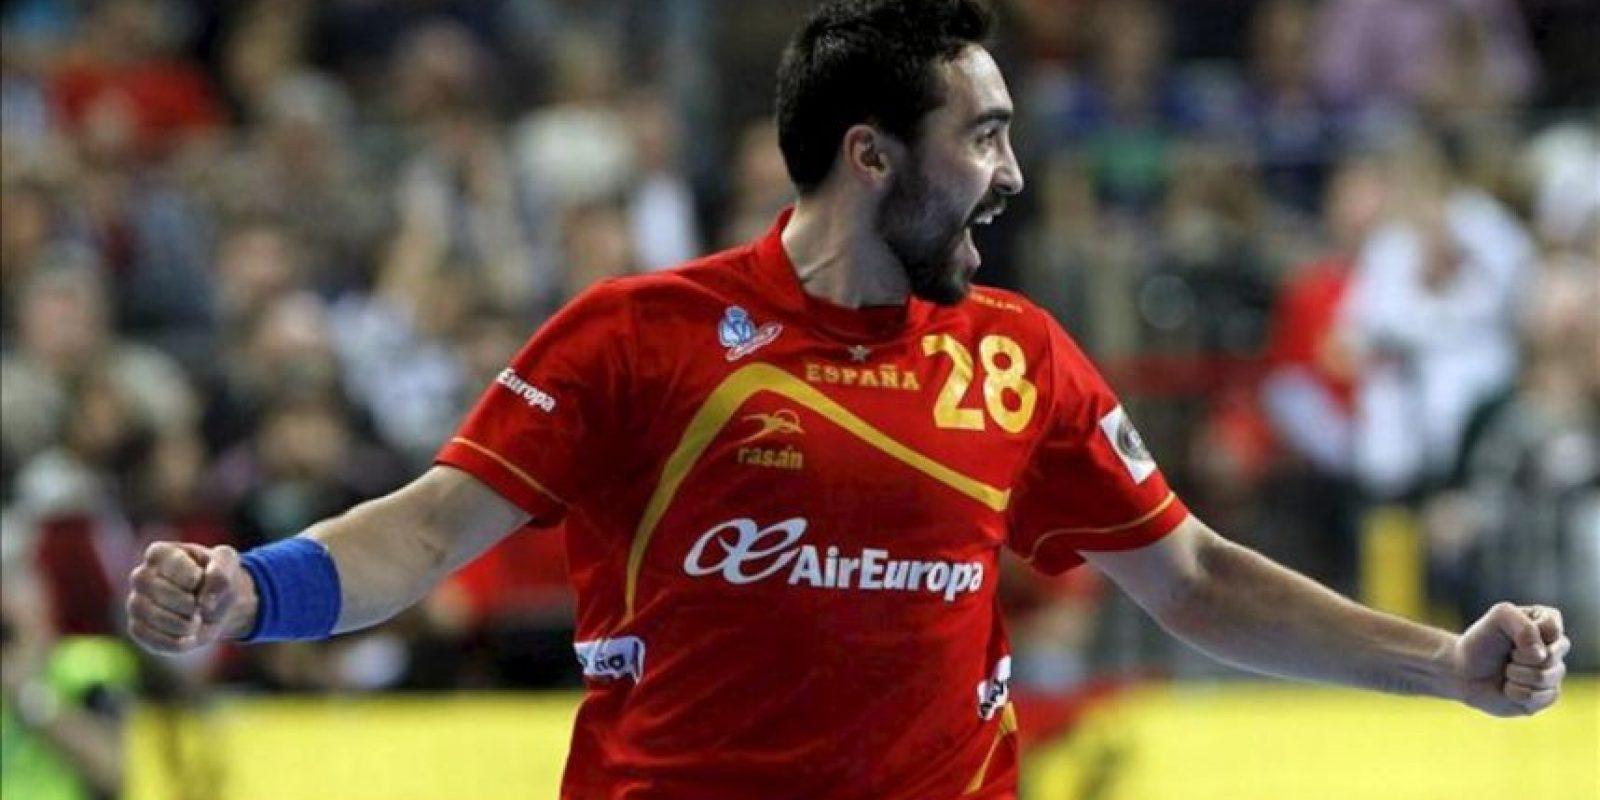 El extremo de la selección española Valero Rivera celebra uno de los goles marcados a Dinamarca durante la final del Campeonato del Mundo de balonmano disputado en el Palau Sant Jordi de Barcelona. EFE